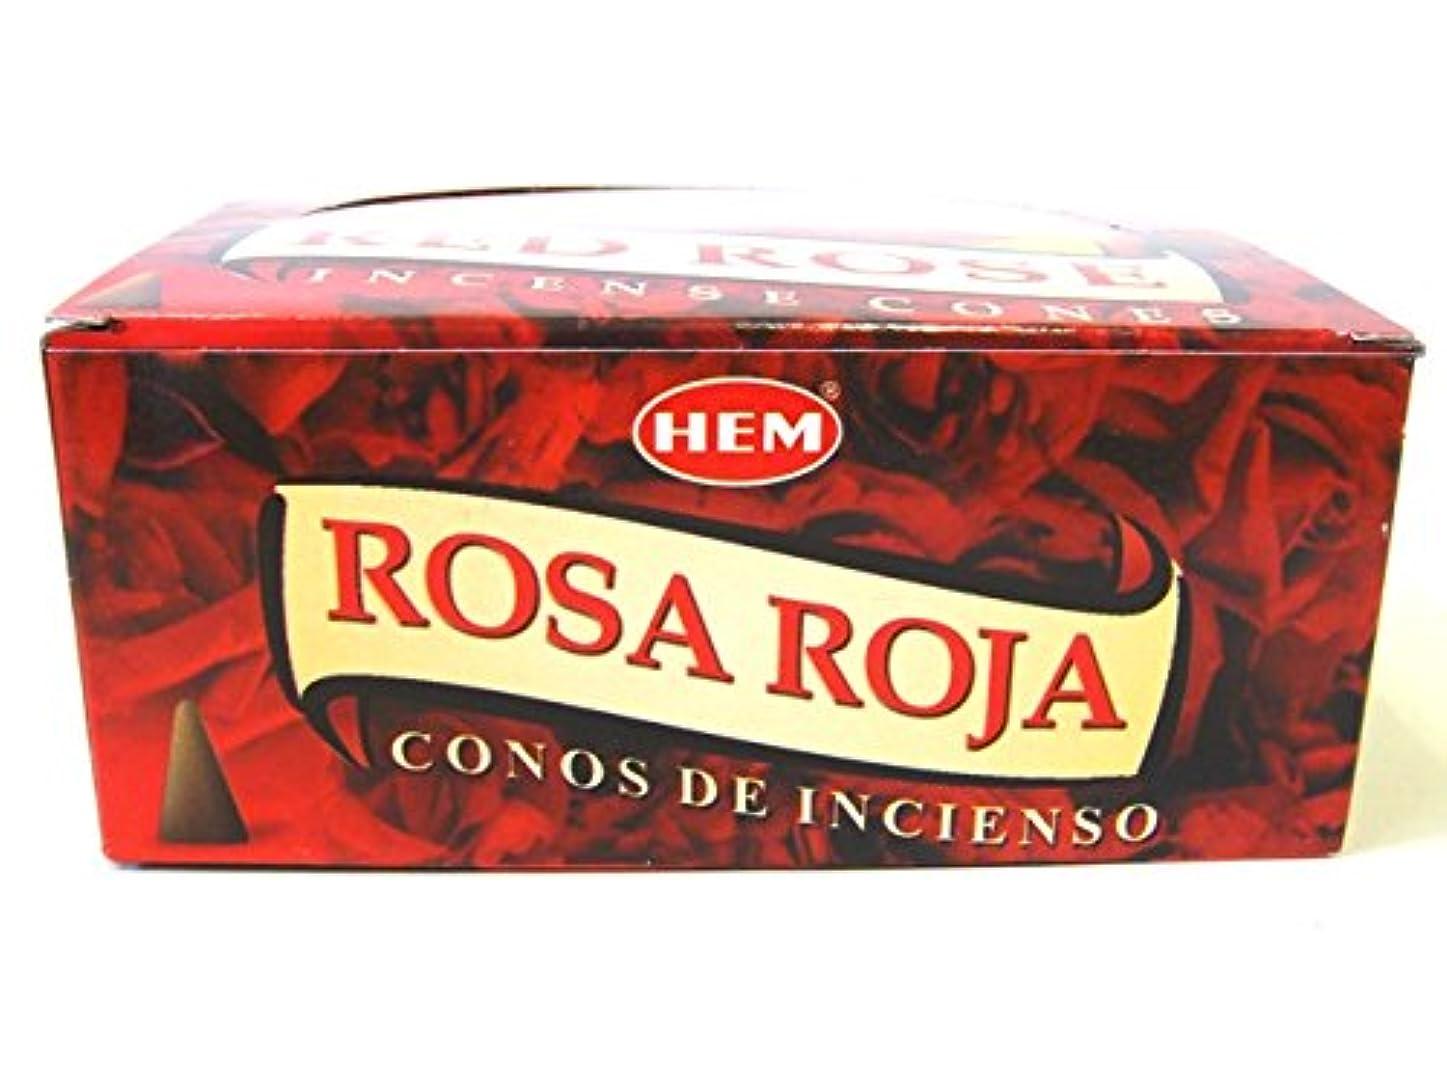 スワップヒューバートハドソンセラーHEM お香 レッドローズ(RED ROSE) コーンタイプ 1ケース(12箱入り) お香薔薇